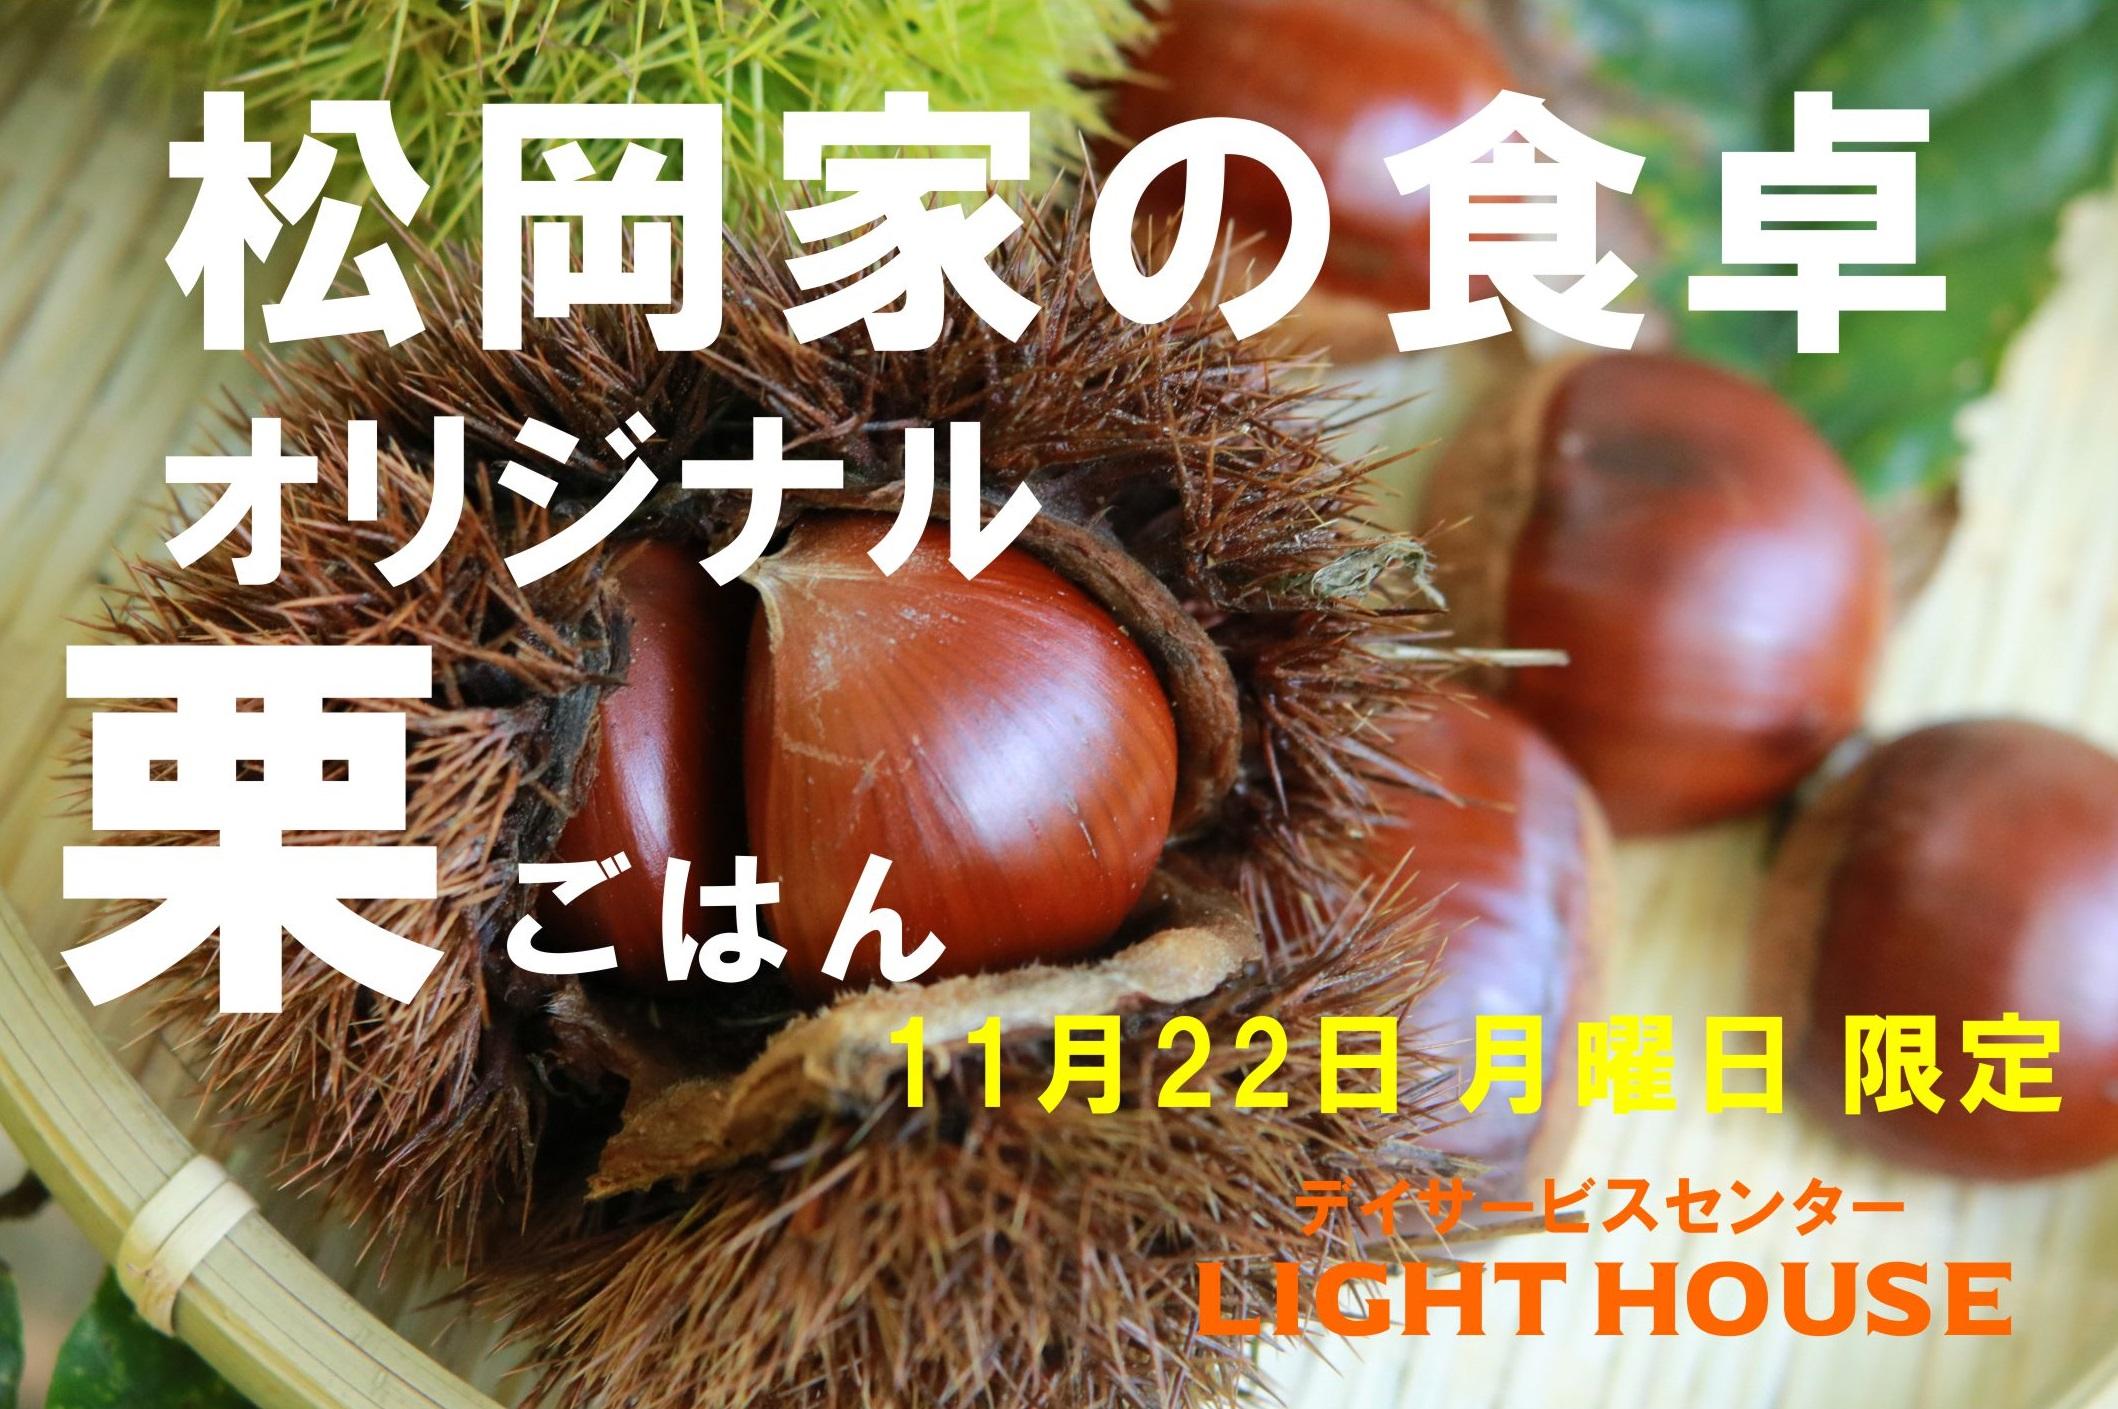 デイサービスセンターライトハウス 松岡家の食卓 【オリジナル栗ごはん🍚】11月22日(月曜日)